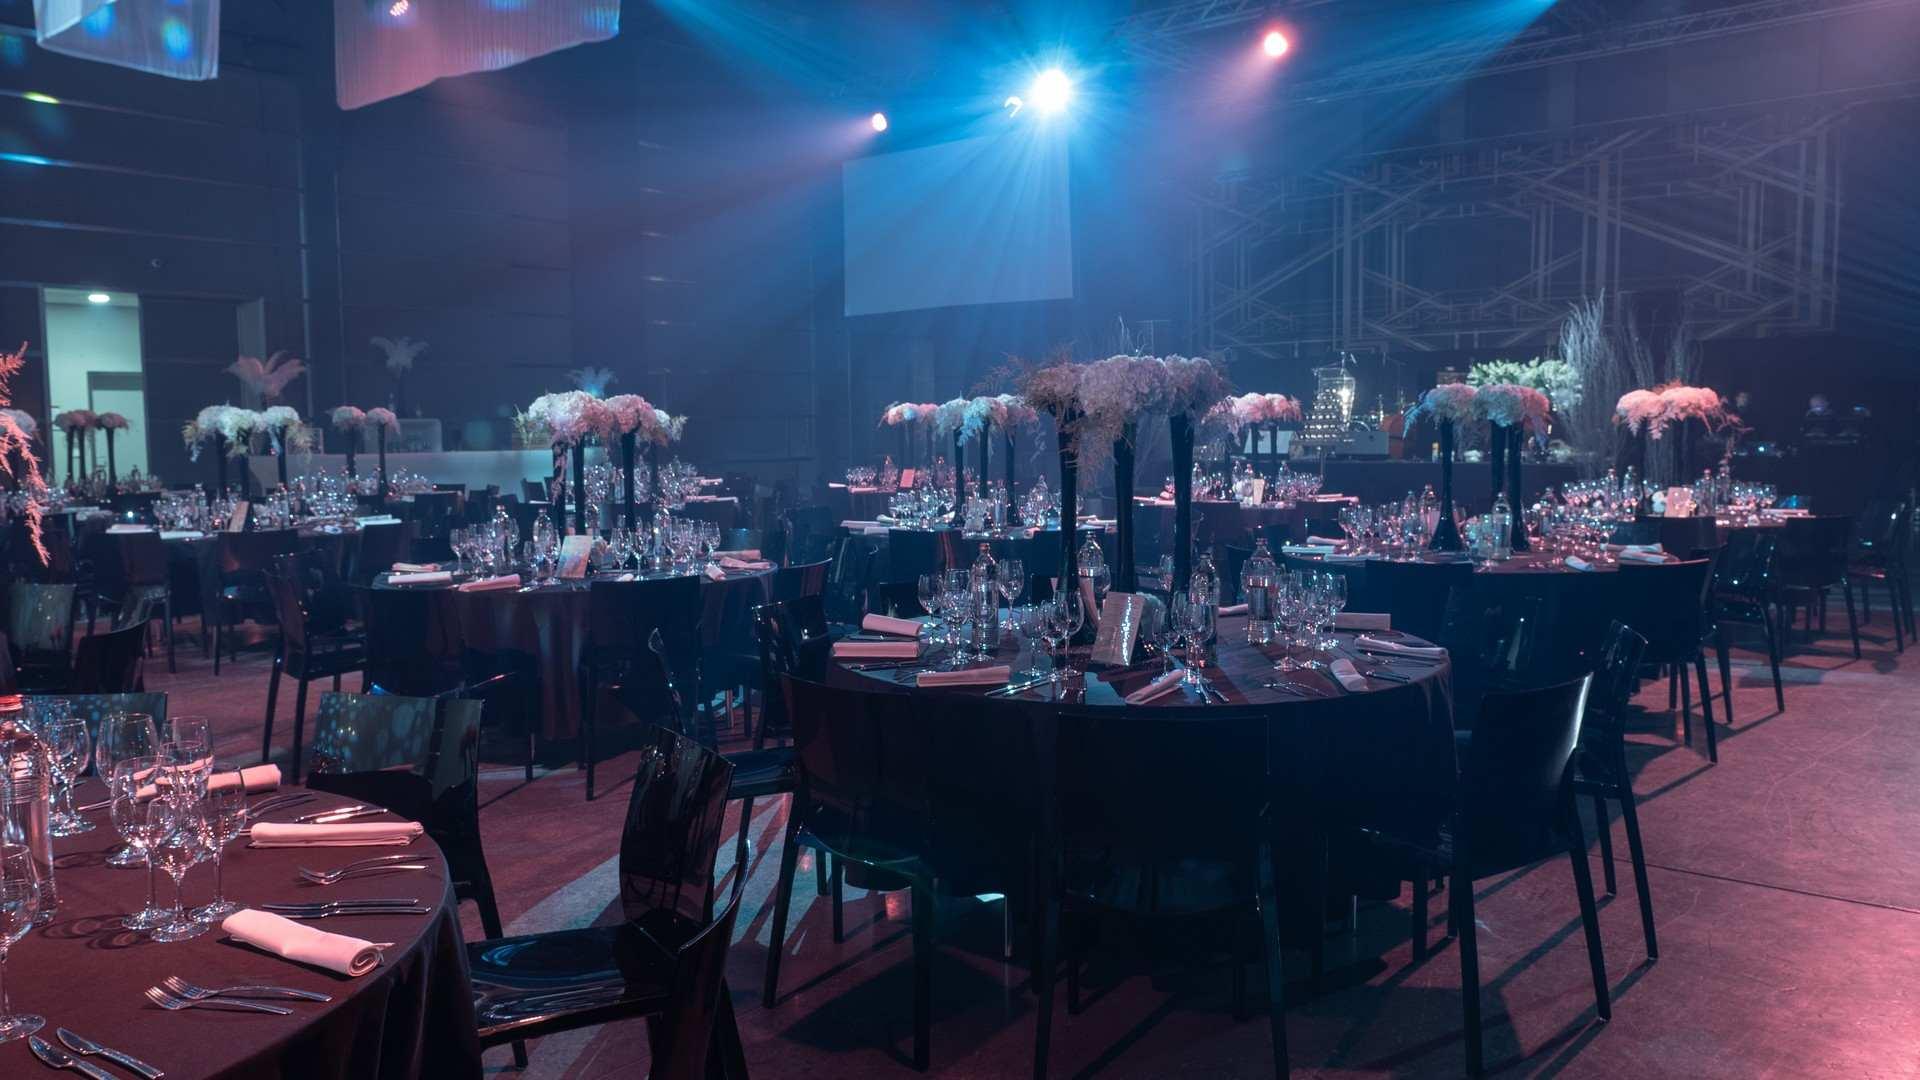 xmas-party-atoz-2018-soirée-gatsby-carte-blanche-events